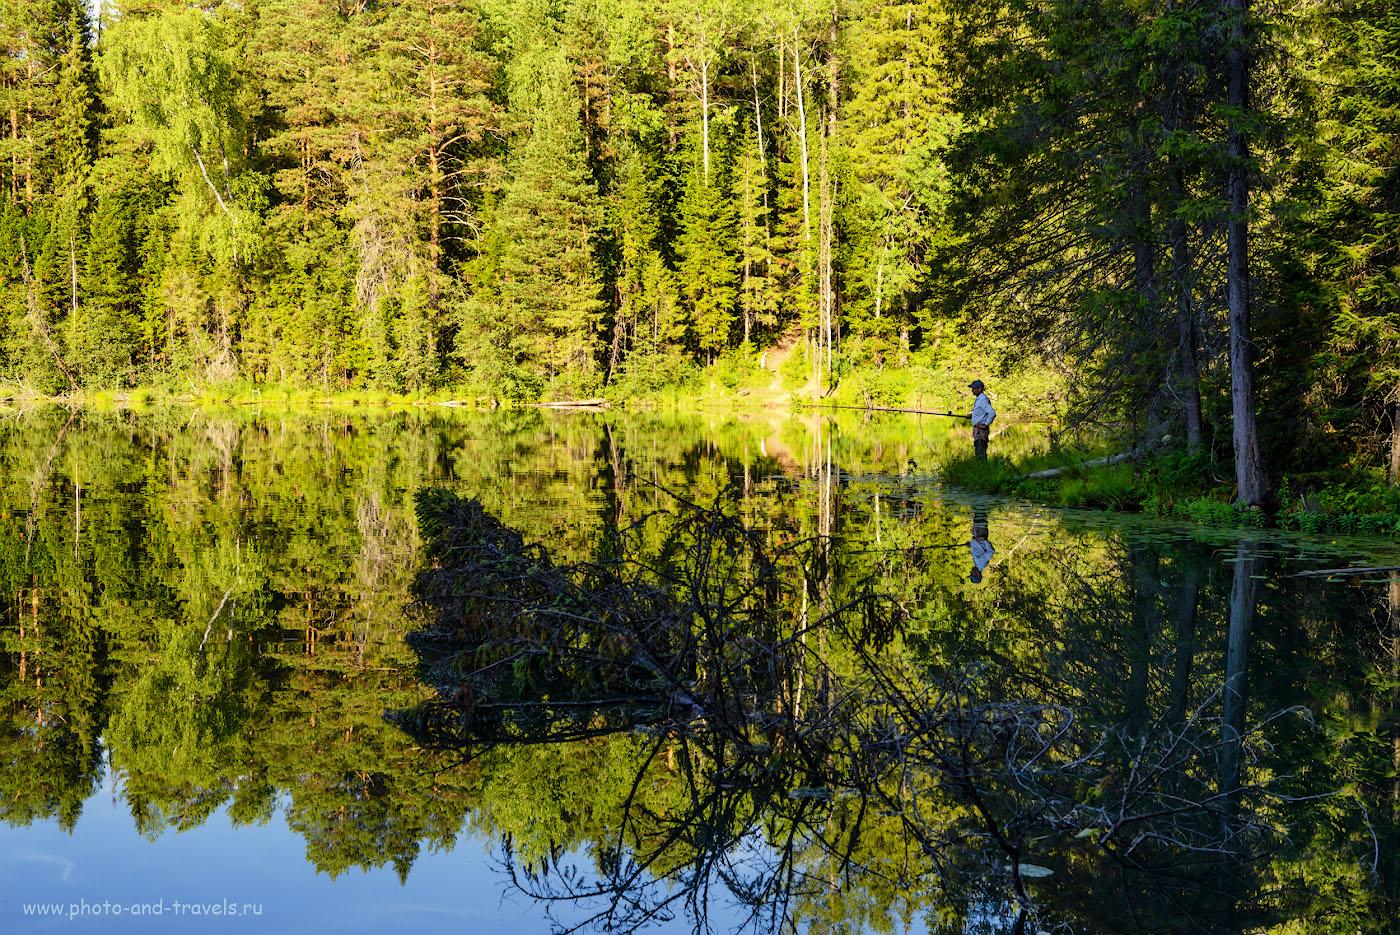 Снимок 26. Рыбалка на Бездонном озере. 1/100, -0.67, 8.0, 250, 48.